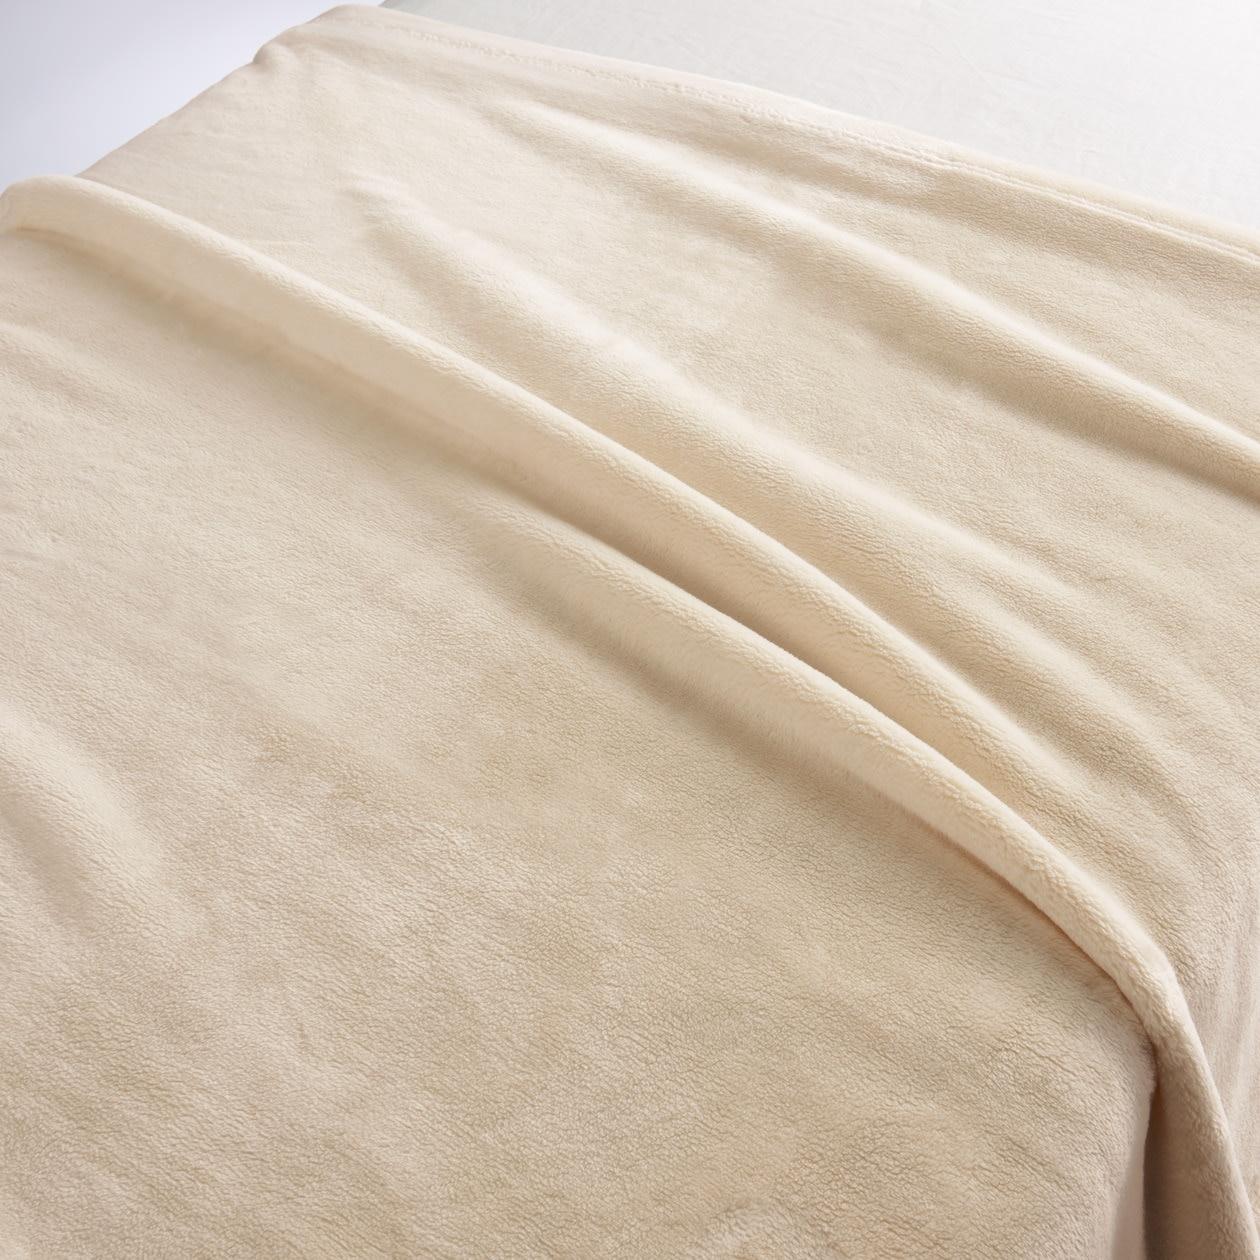 あたたかファイバー厚手毛布・S/アイボリー アイボリー